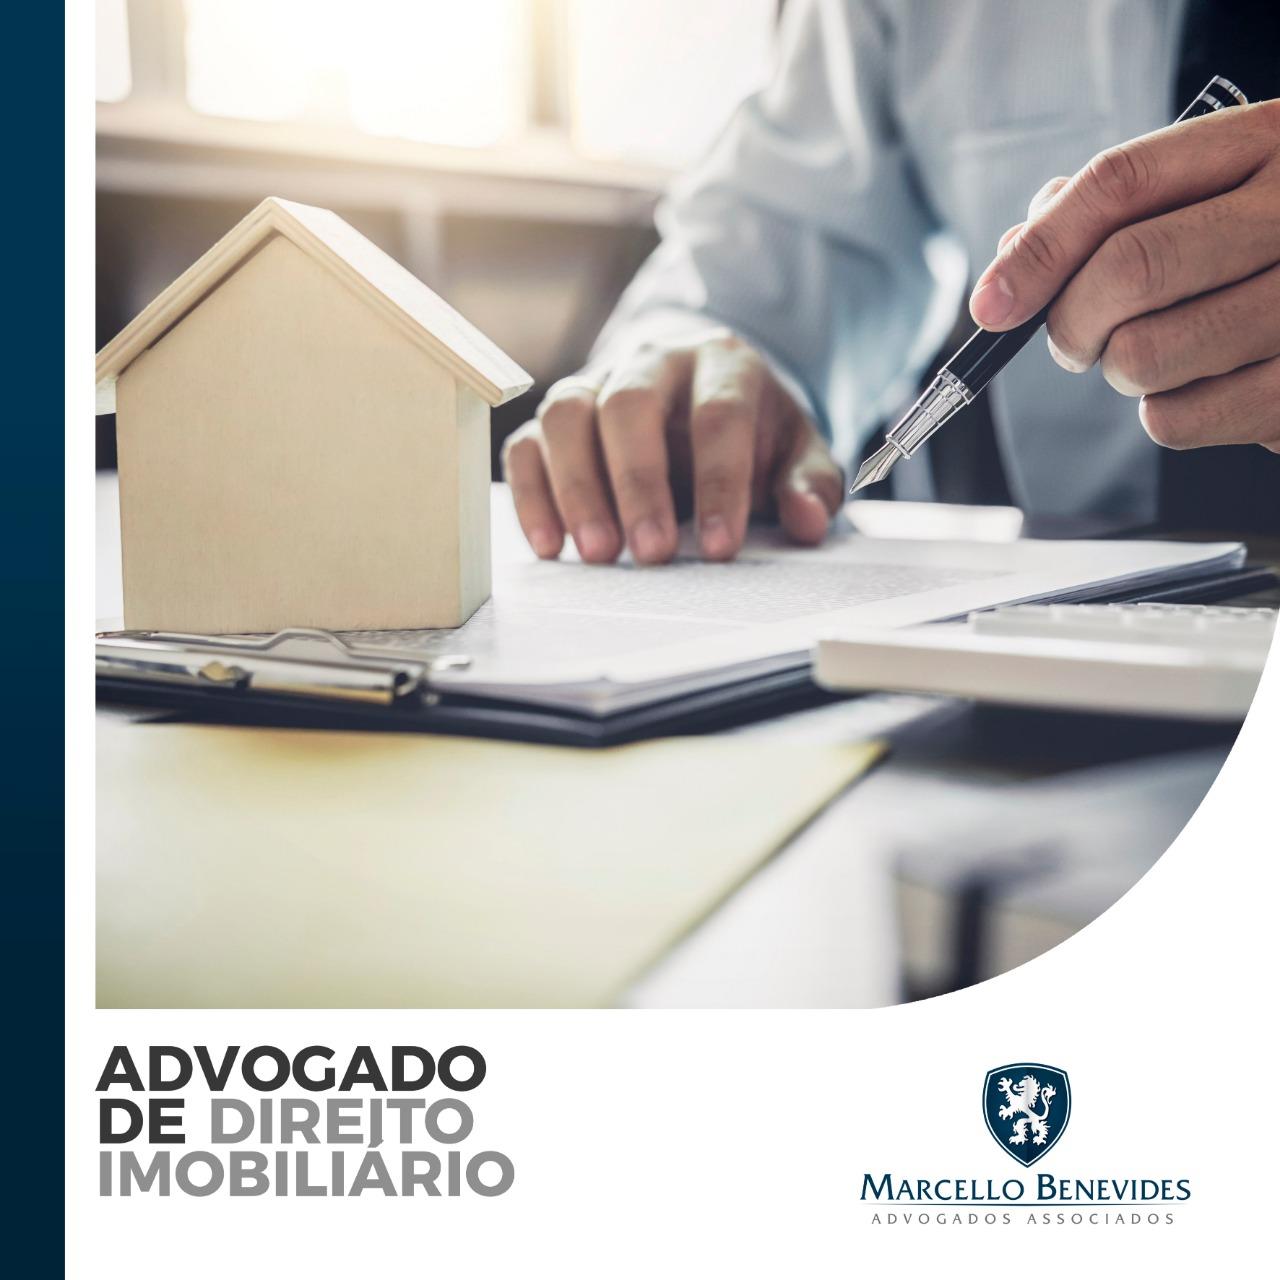 advogado-direito-imobiliario-rj